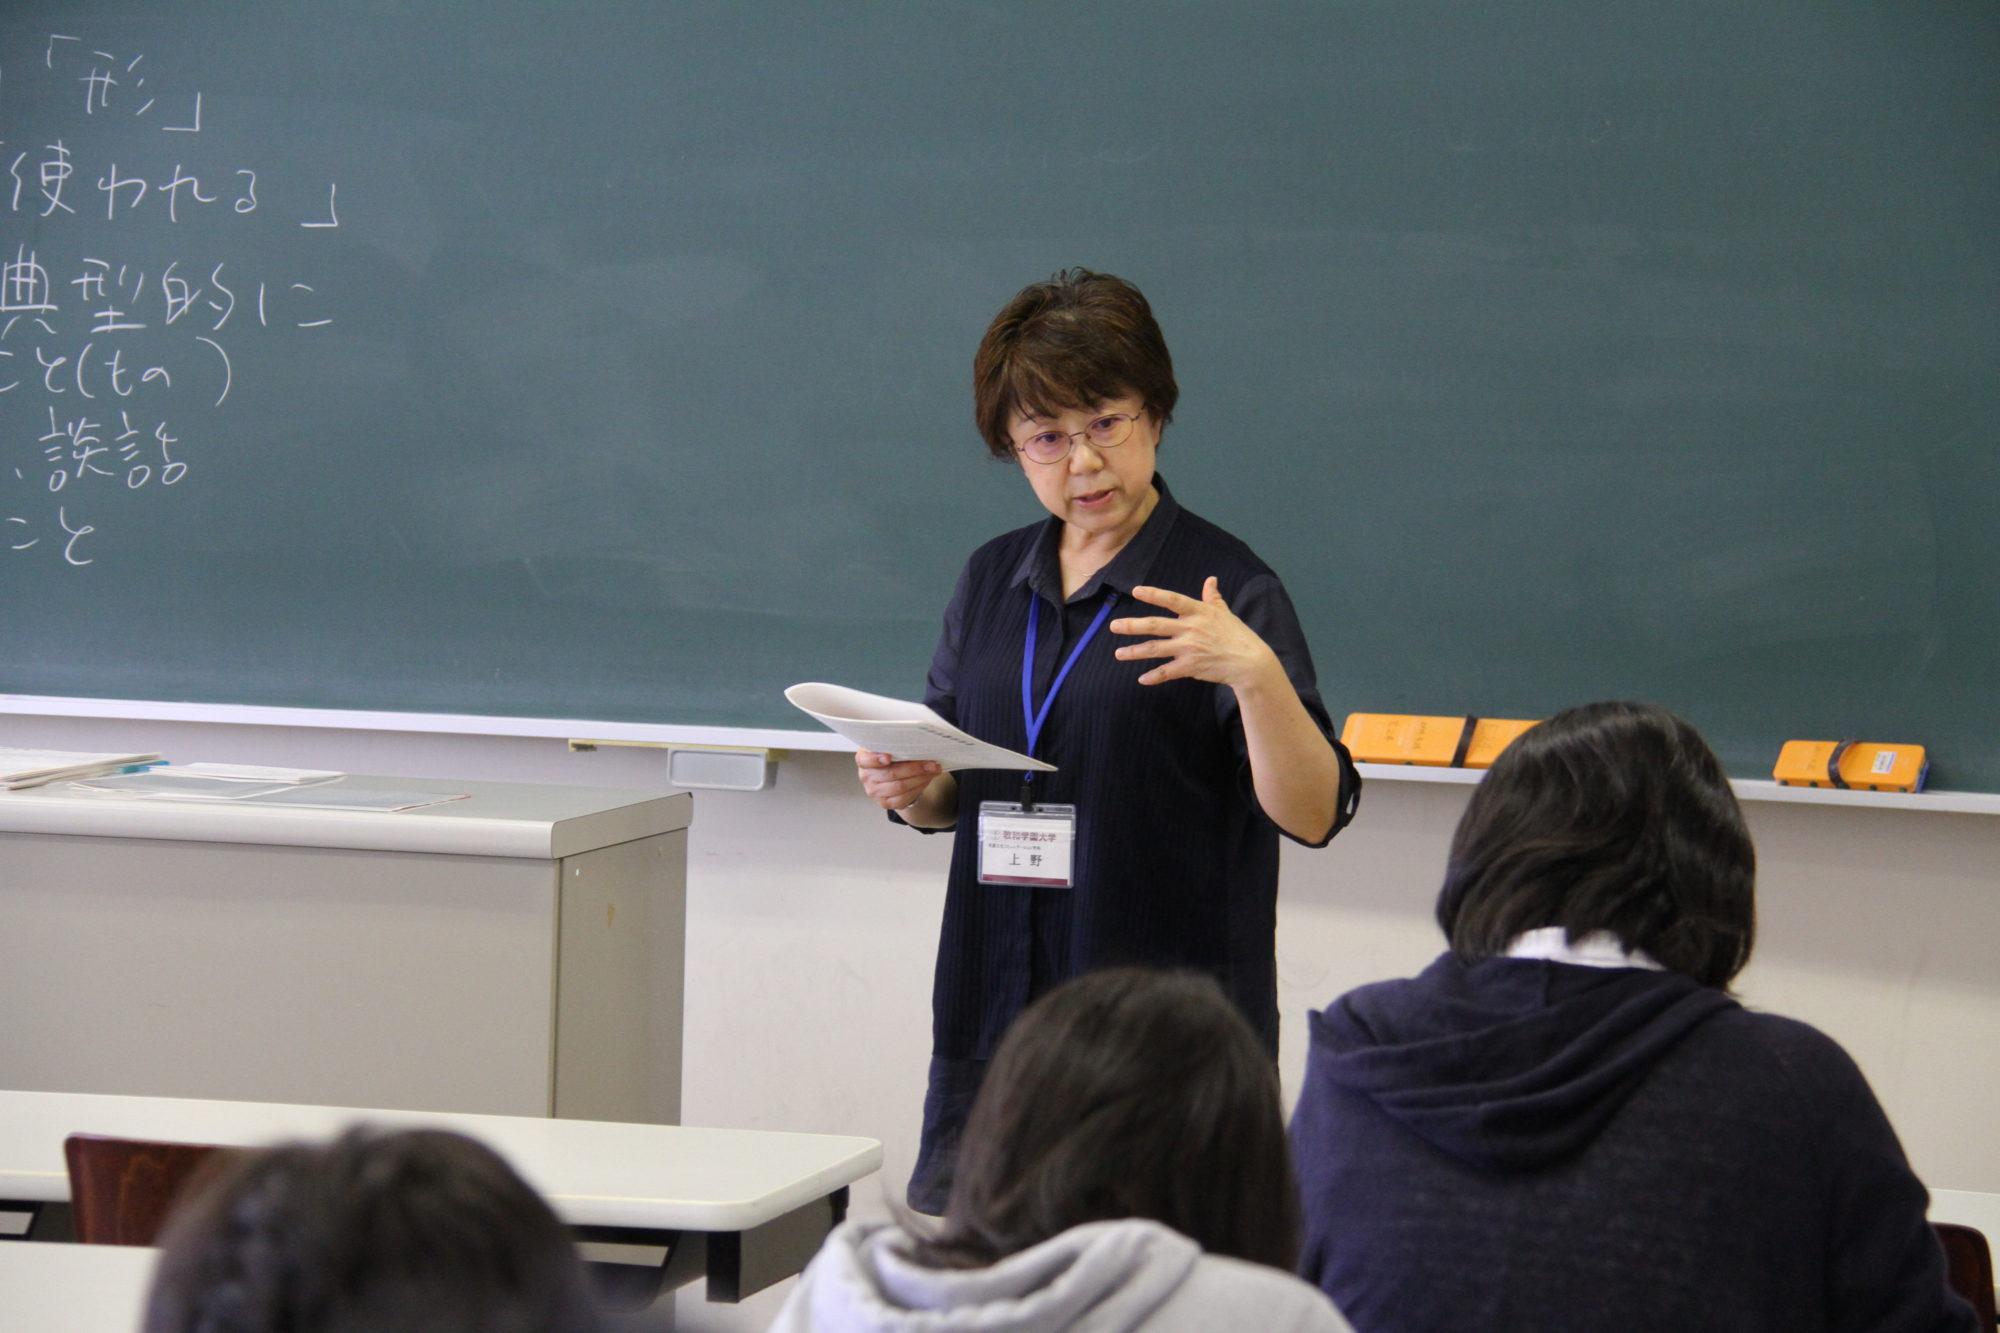 中学・高校生向けの英検対策講座を開催しました